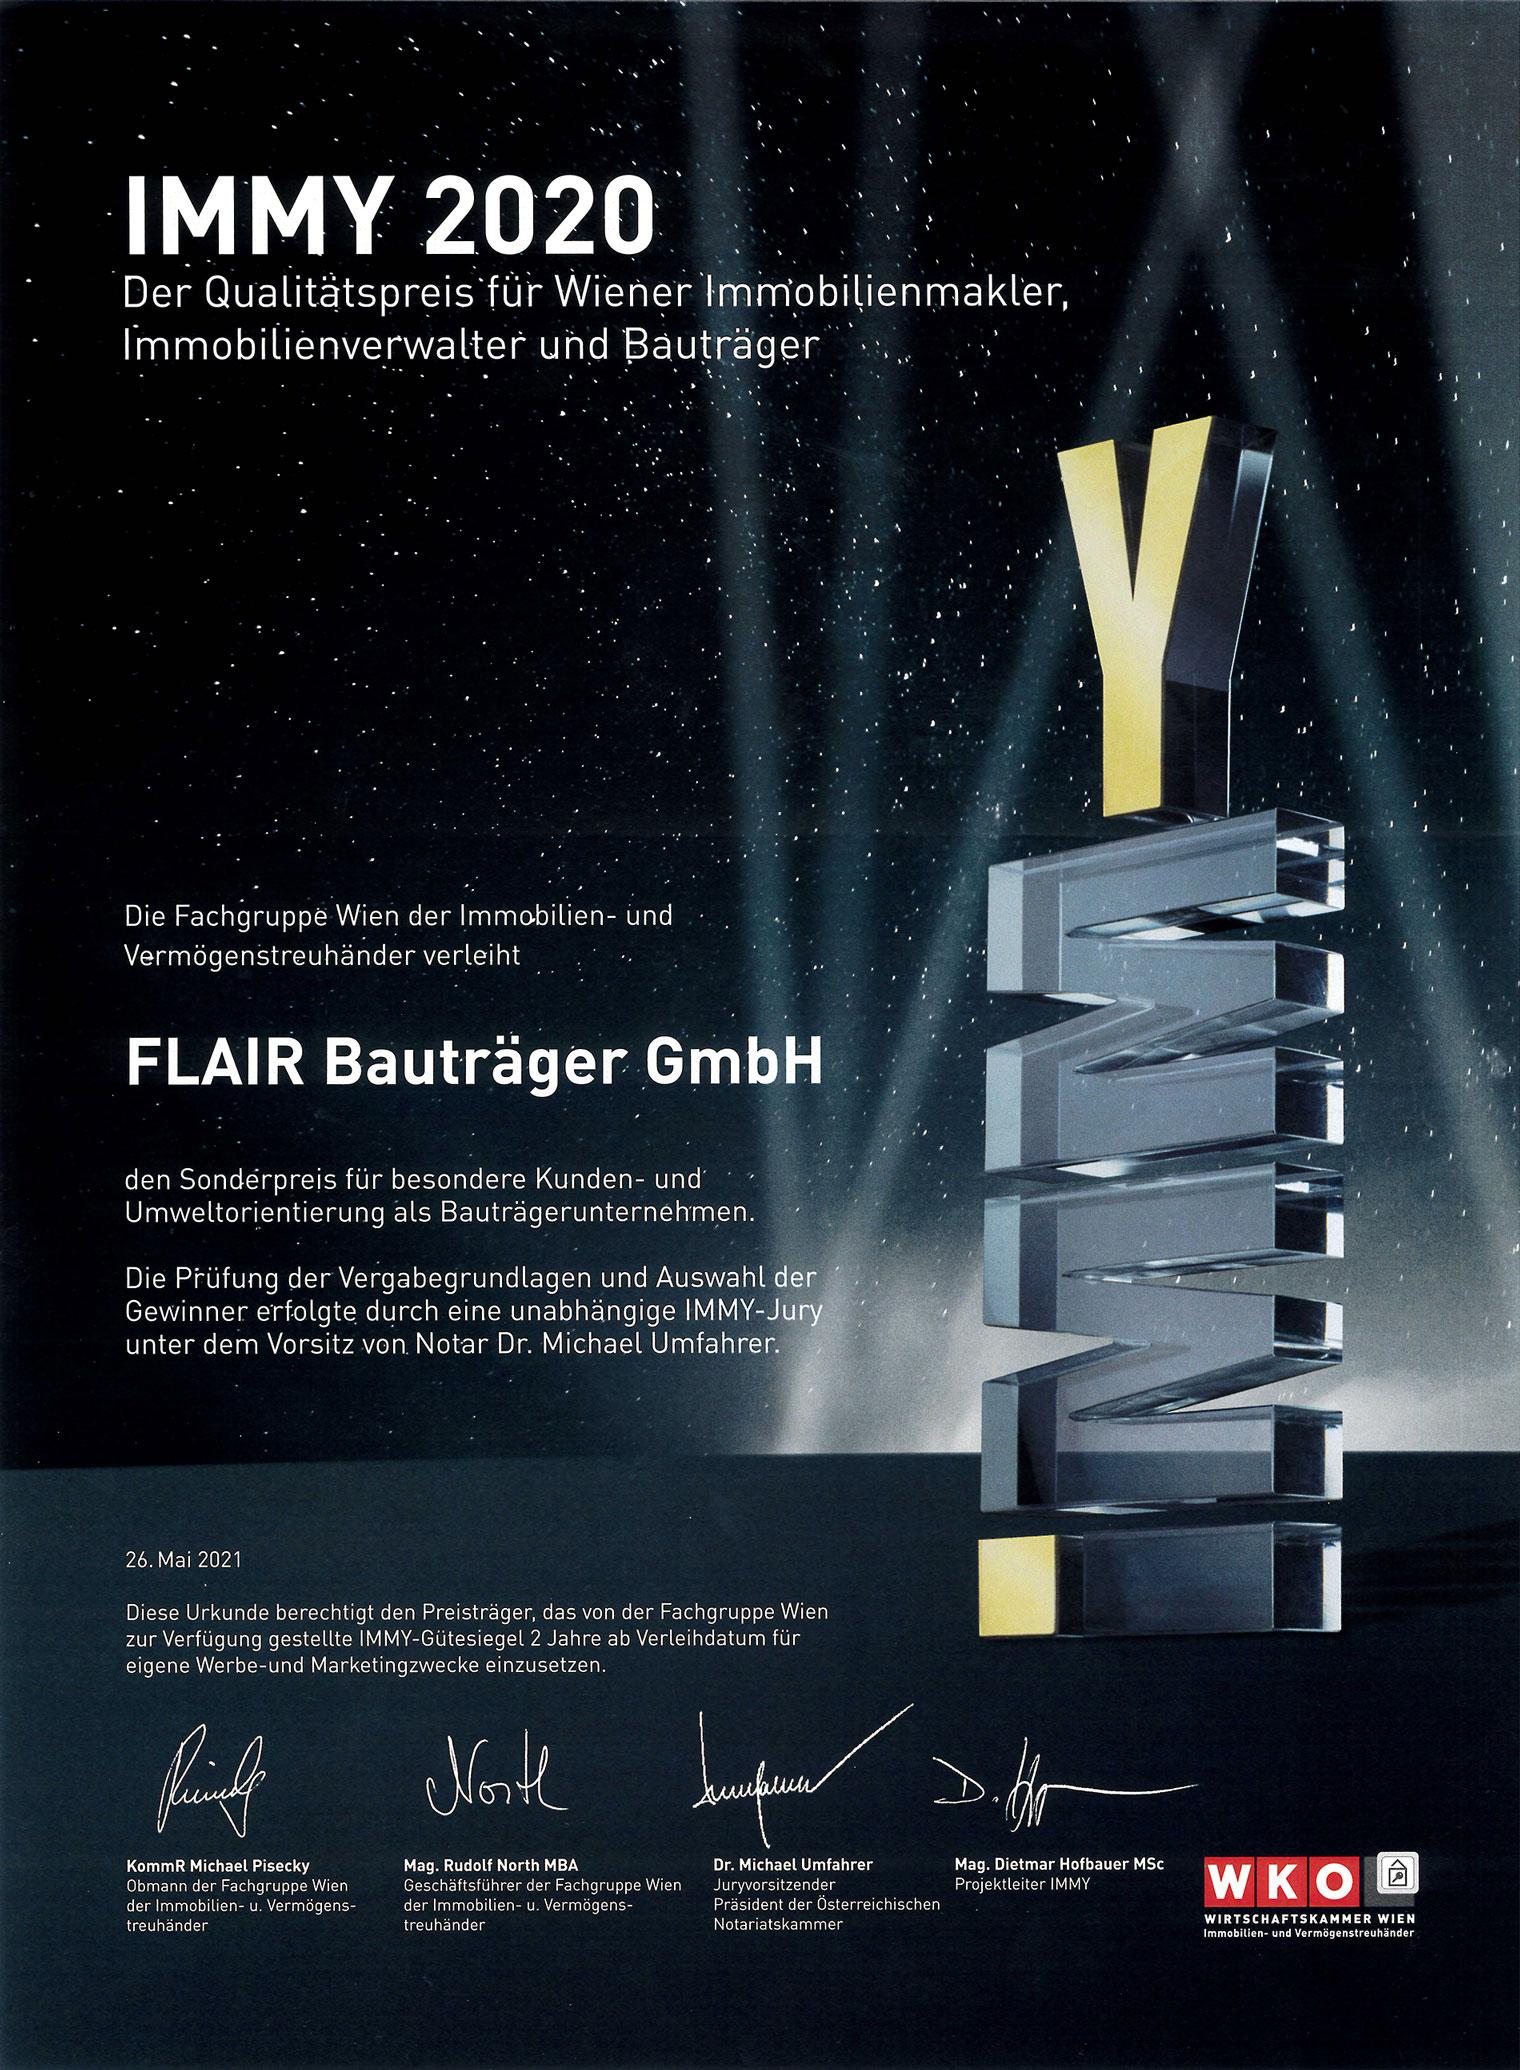 IMMY 2020 Urkunde für FLAIR